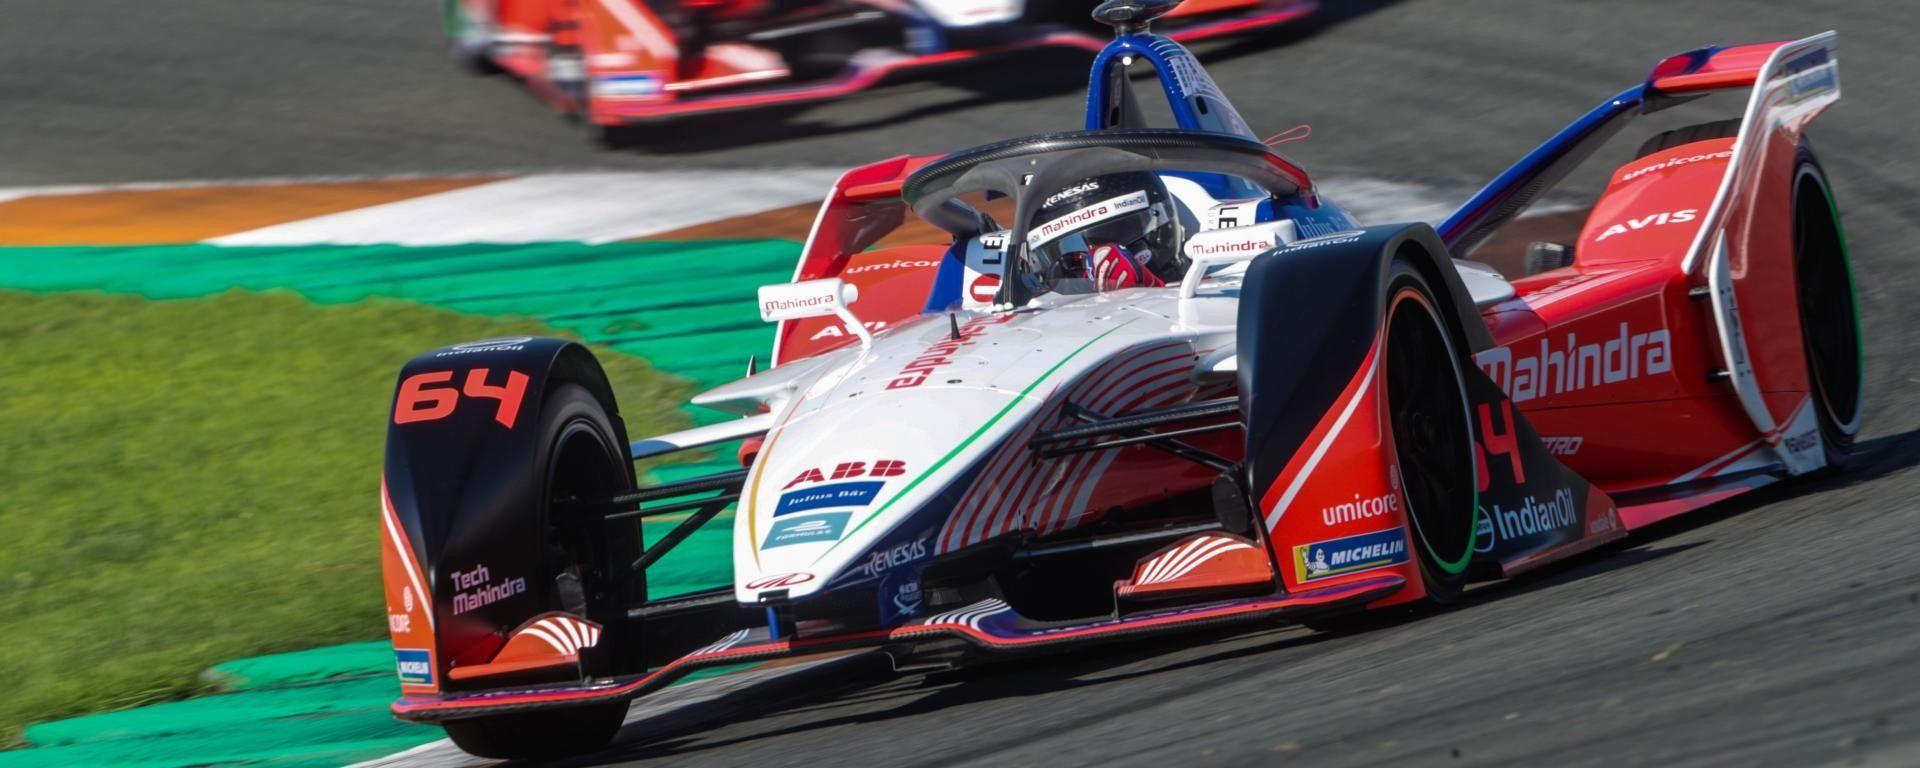 D'Ambrosio vince l'E-Prix del Marocco con la sua Mahindra